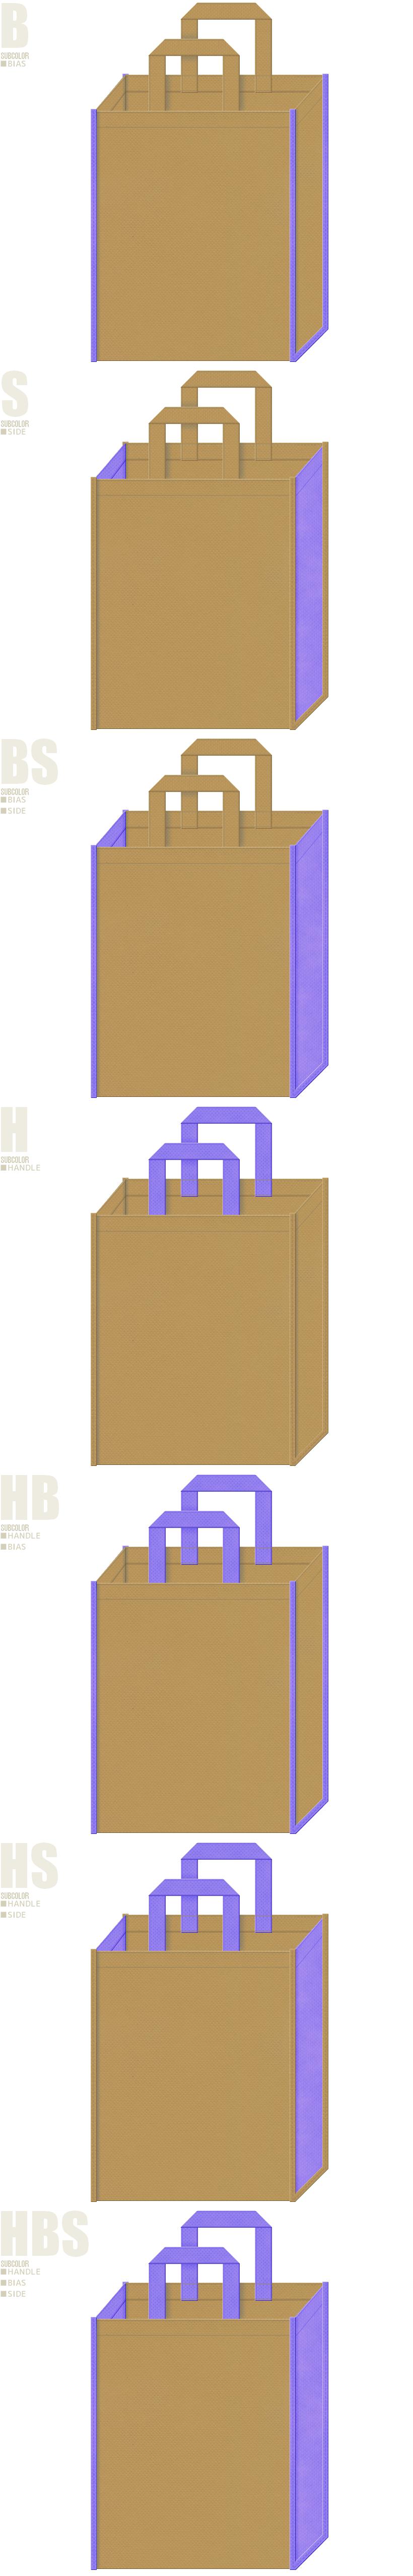 不織布バッグのデザイン:金黄土色と薄紫色の配色7パターン